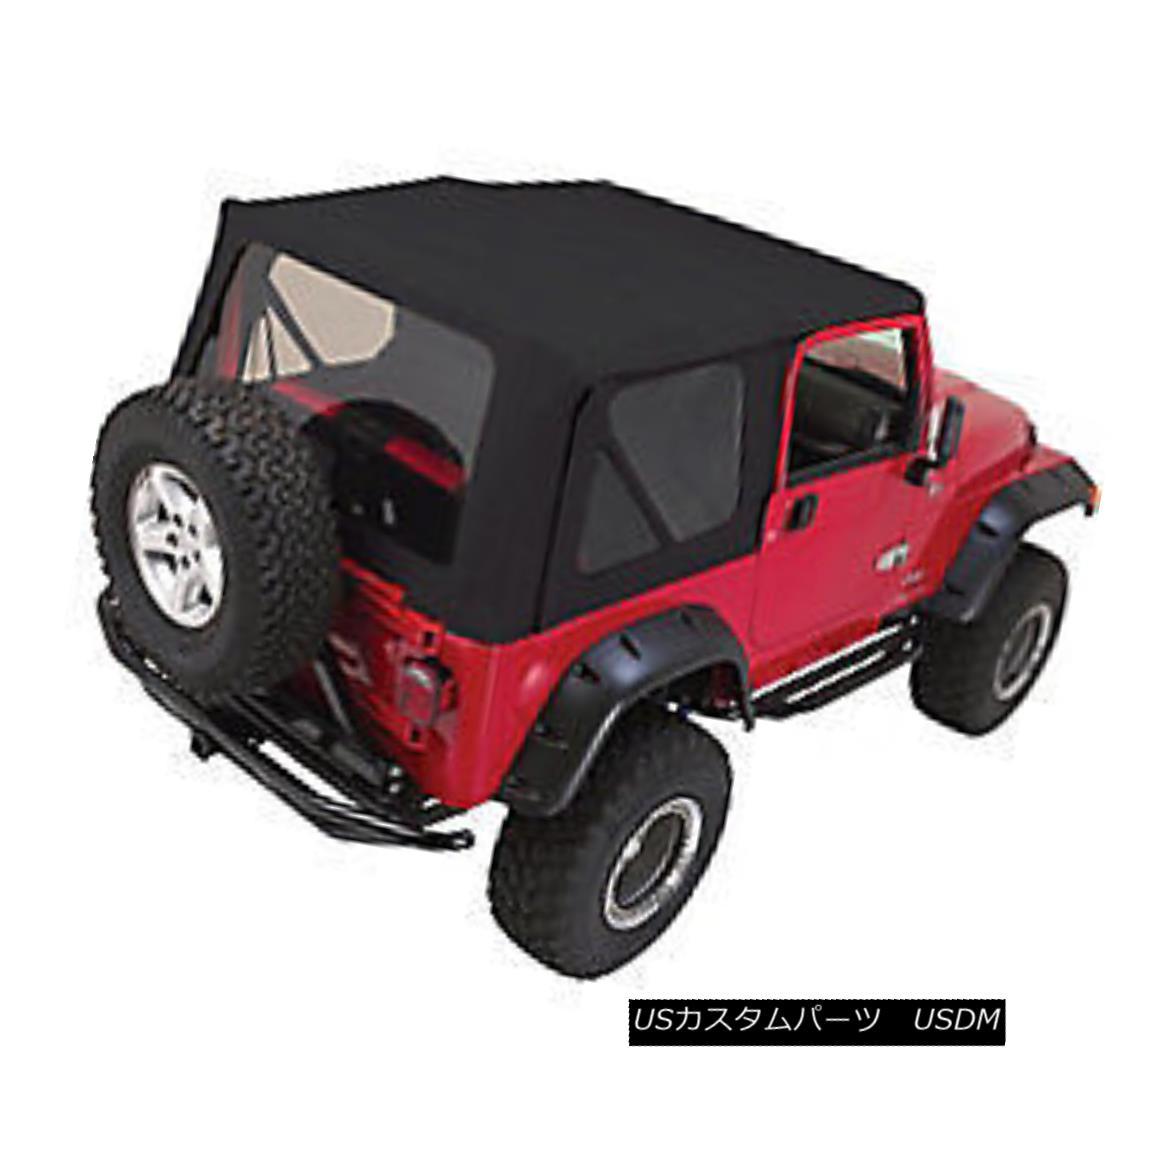 幌・ソフトトップ Rampage Factory Replacement Soft Top 97-06 Jeep Wrangler TJ 99335 Black Diamond Rampage Factory Replacementソフトトップ97-06ジープラングラーTJ 99335 Black Diamond